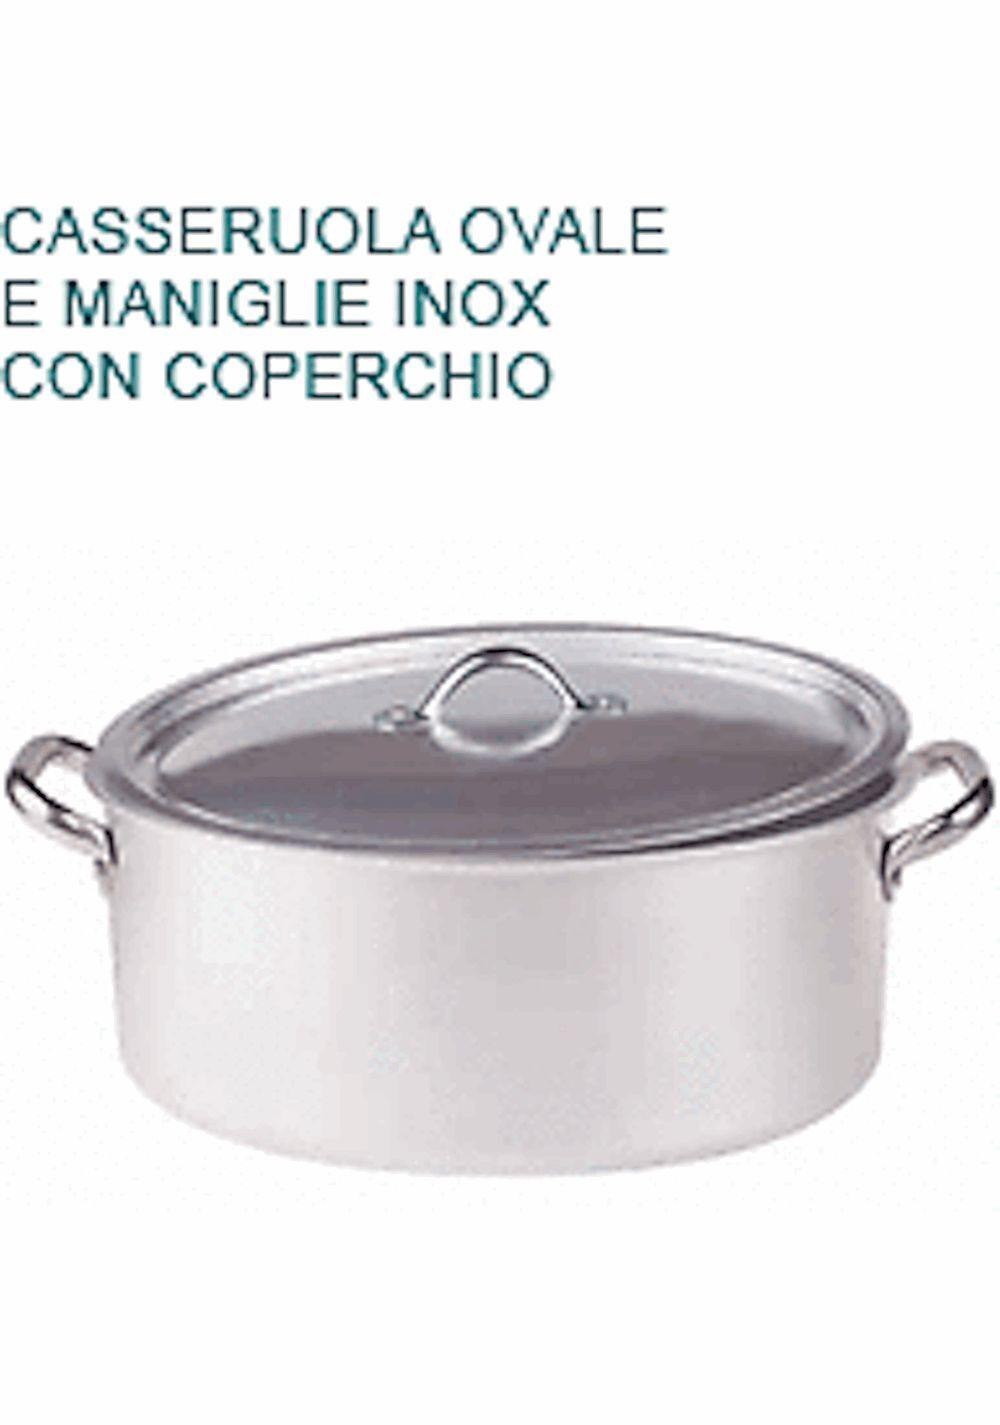 Cocotte ovale 32X22X13H couverture aluminium 3 Professionnel Pentole Agnelli